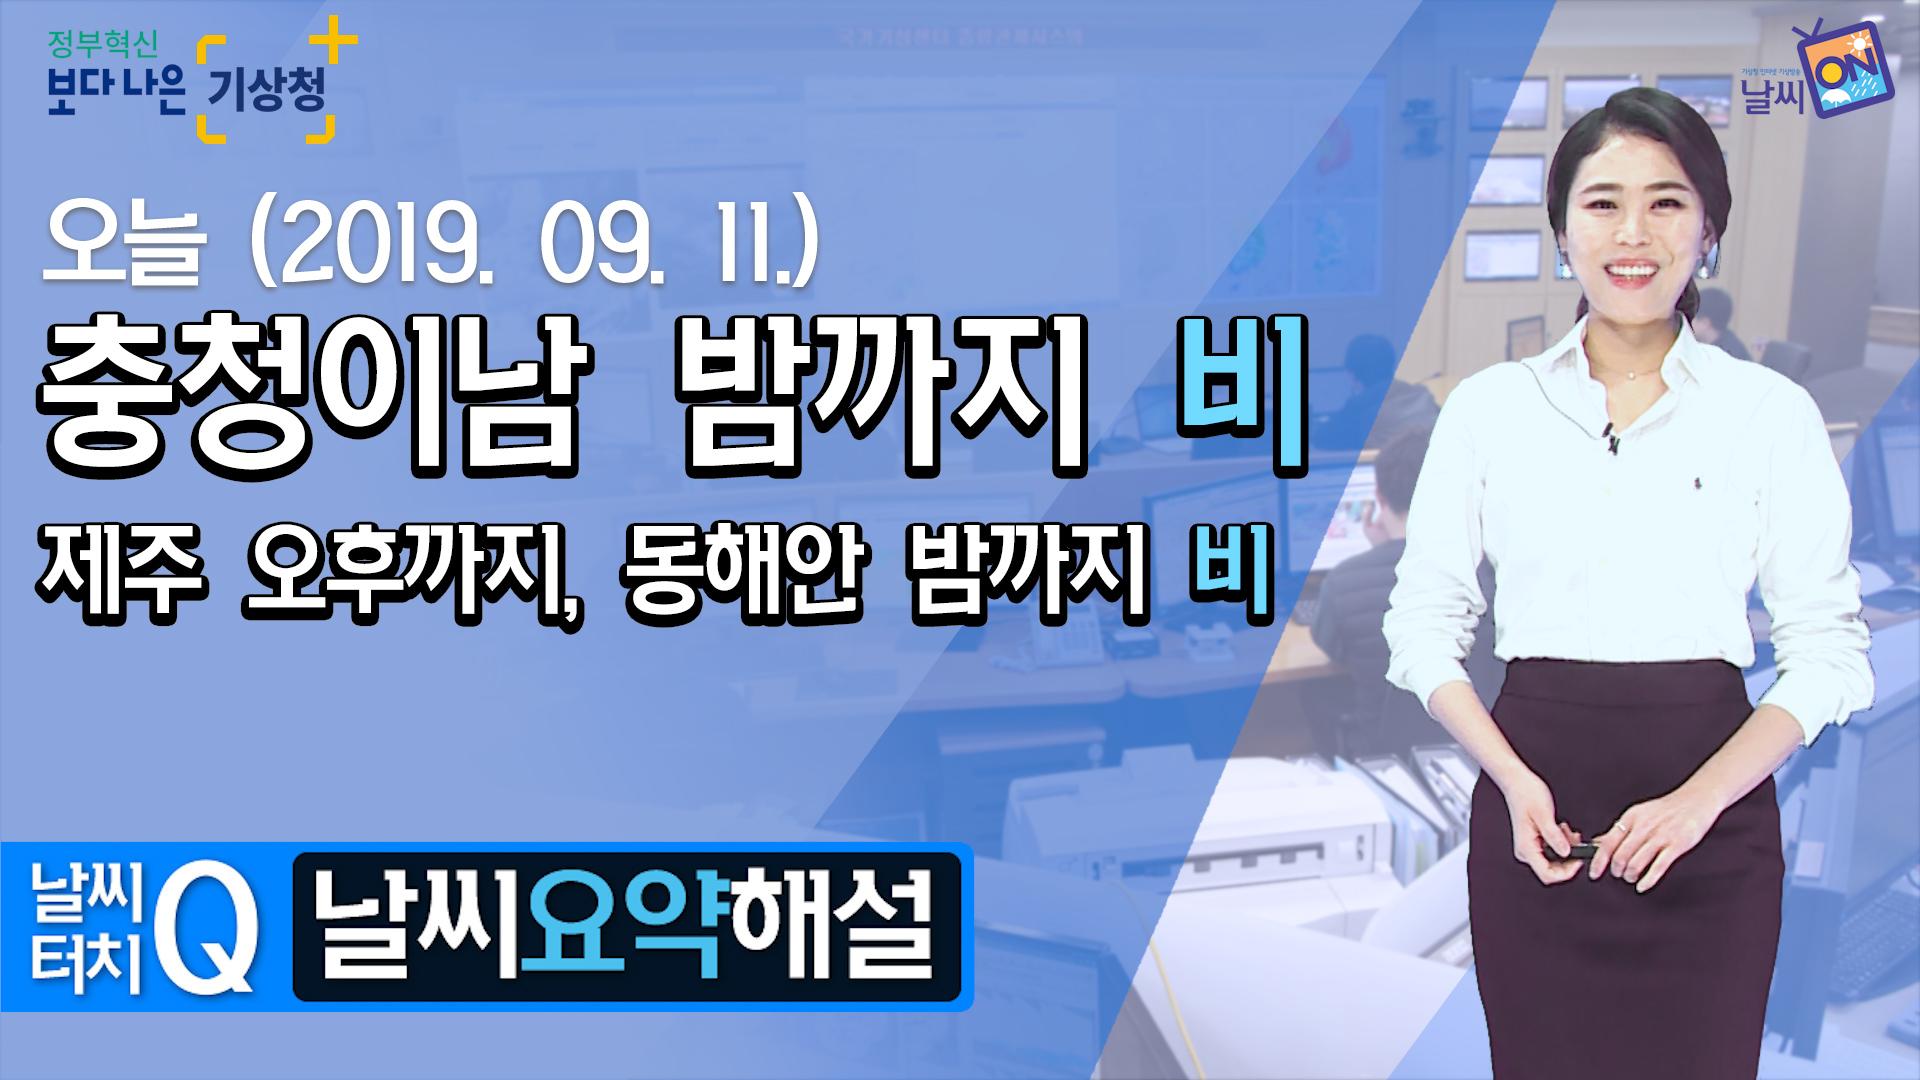 [날씨터치Q/11시] 9월 11일(수) 충청이남 밤까지 비, 제주 오후까지, 동해안 밤까지 비